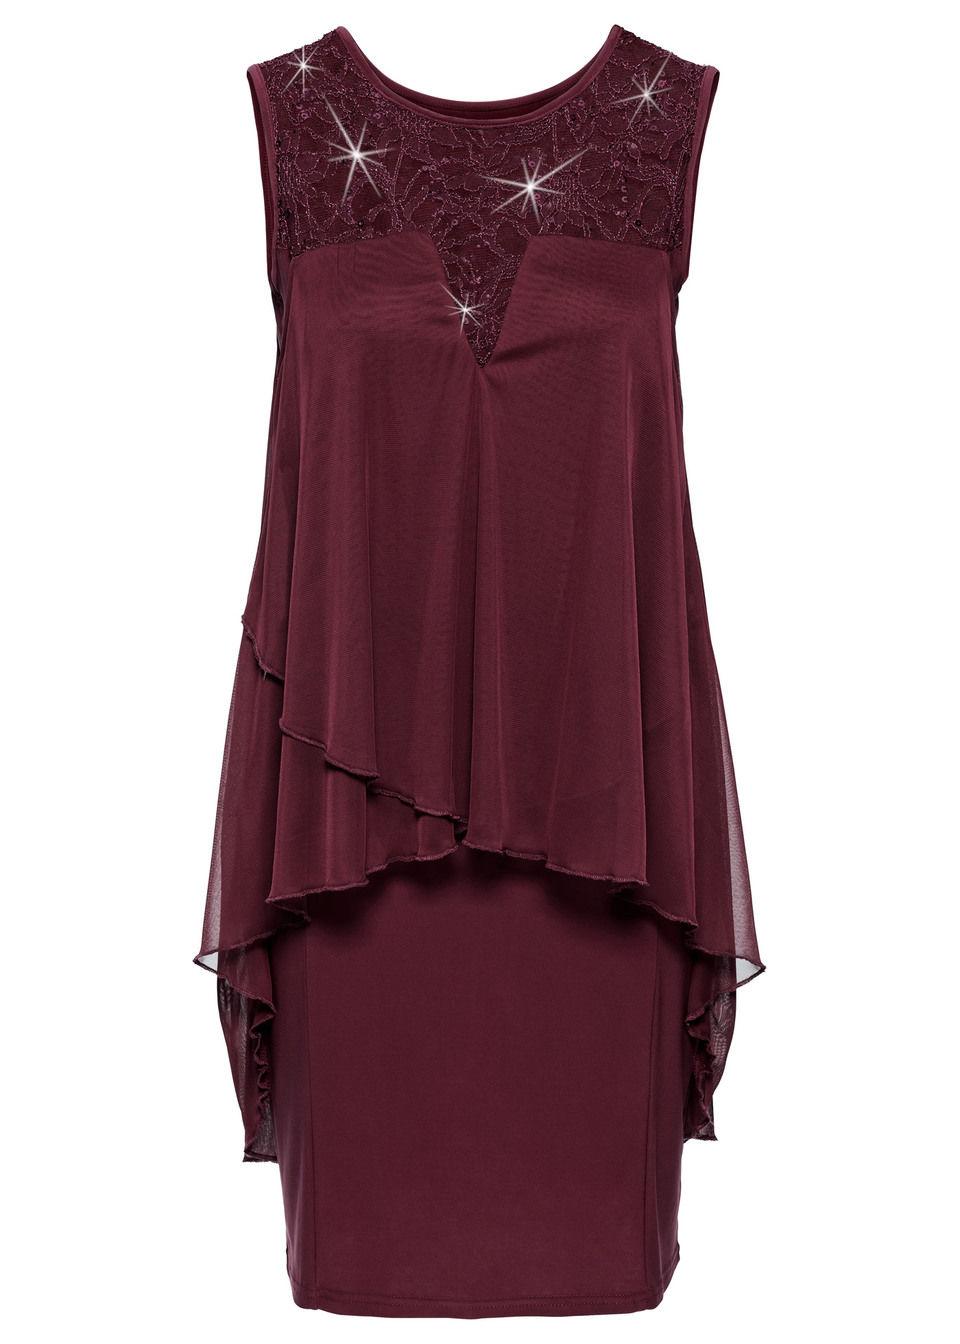 Купить Платья, Платье из трикотажа и шифона, bonprix, темно-красный